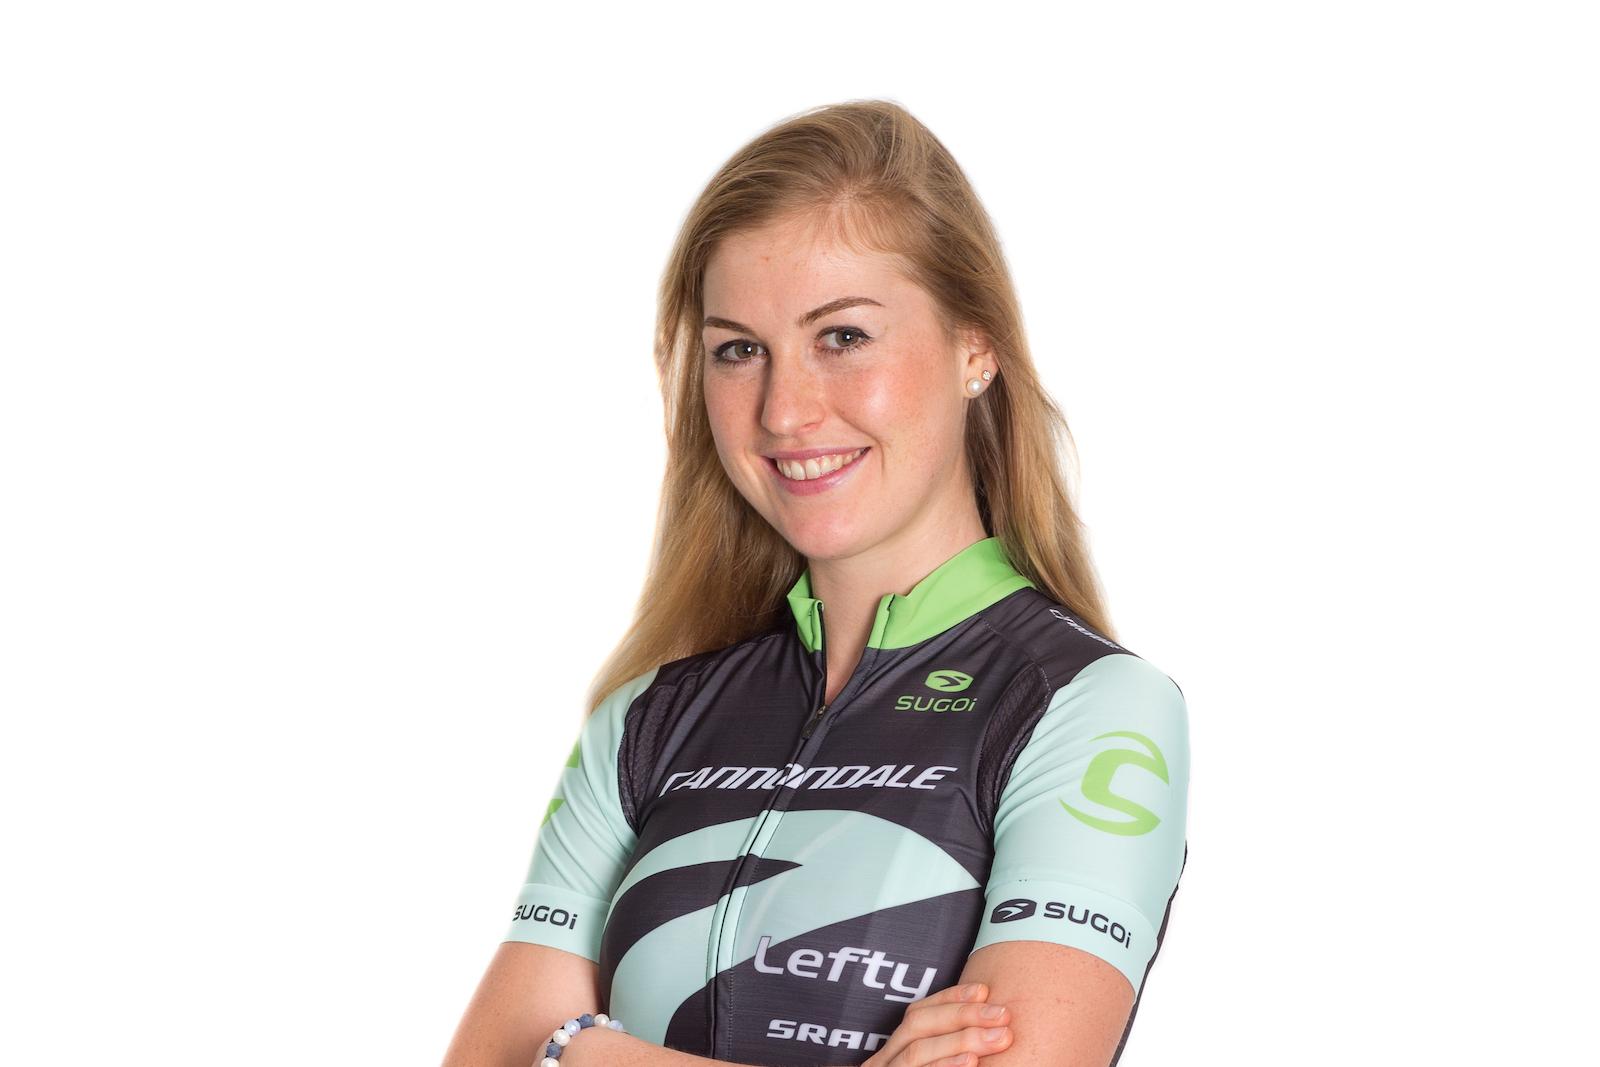 Helen Grobert